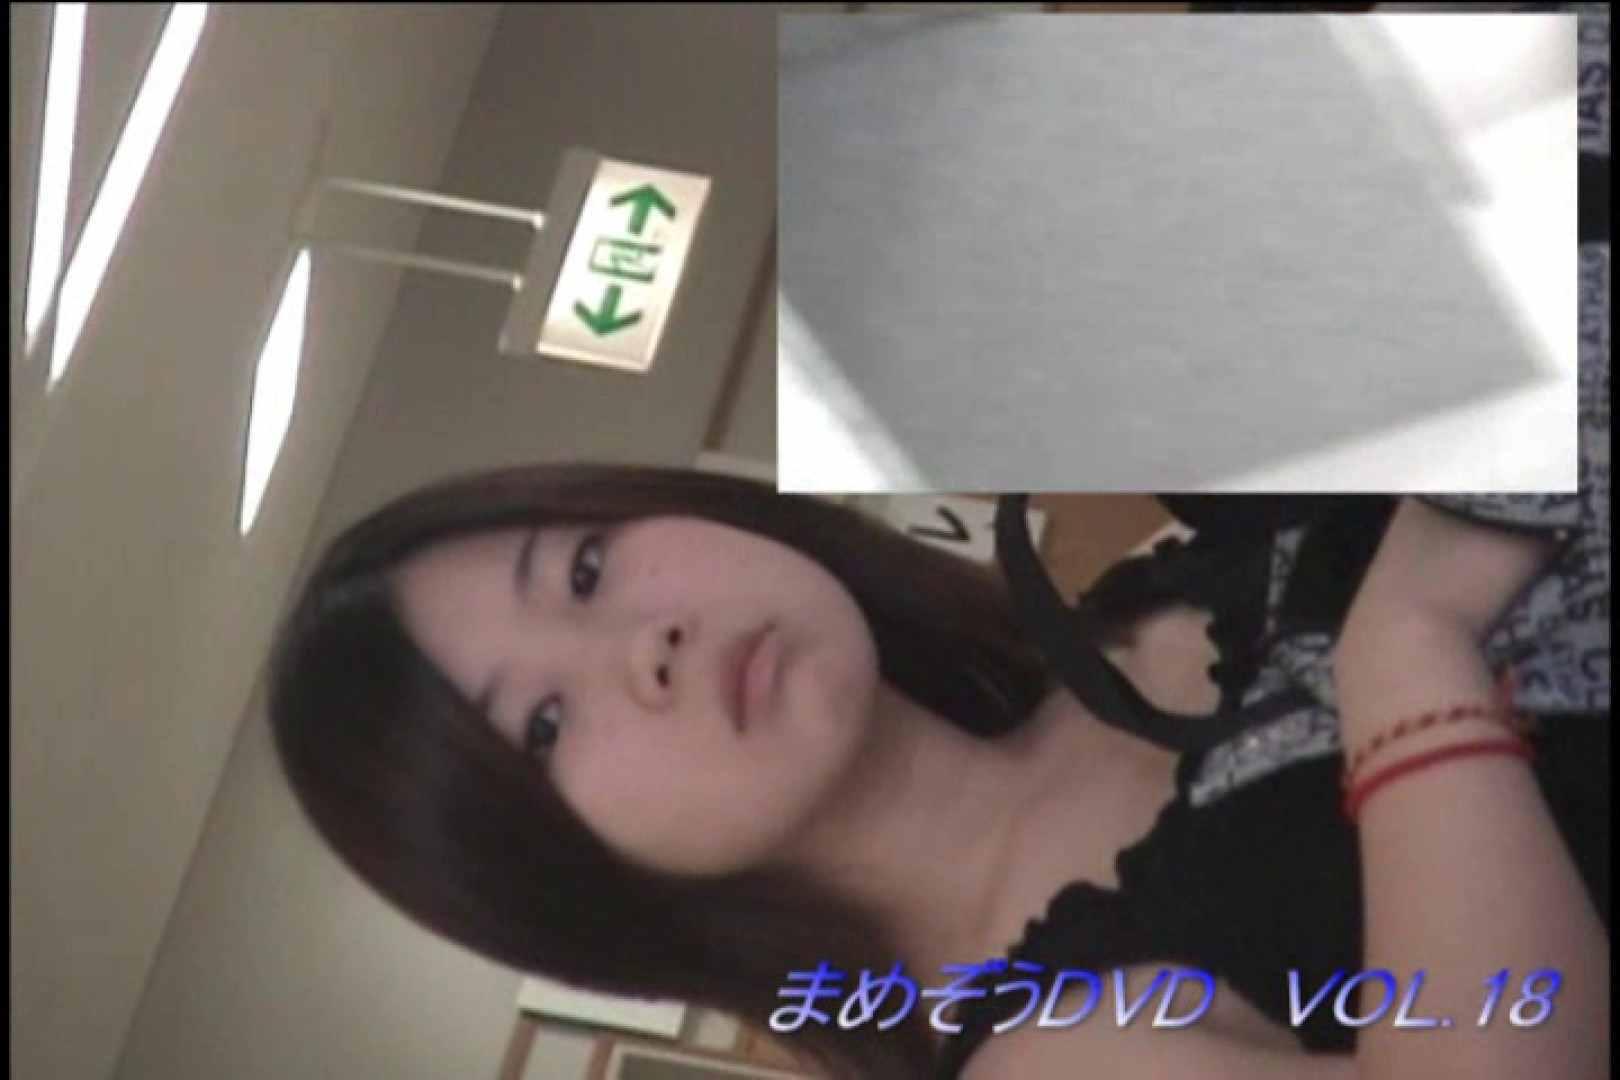 まめぞうDVD完全版VOL.18 ギャル盗撮映像  76PIX 30